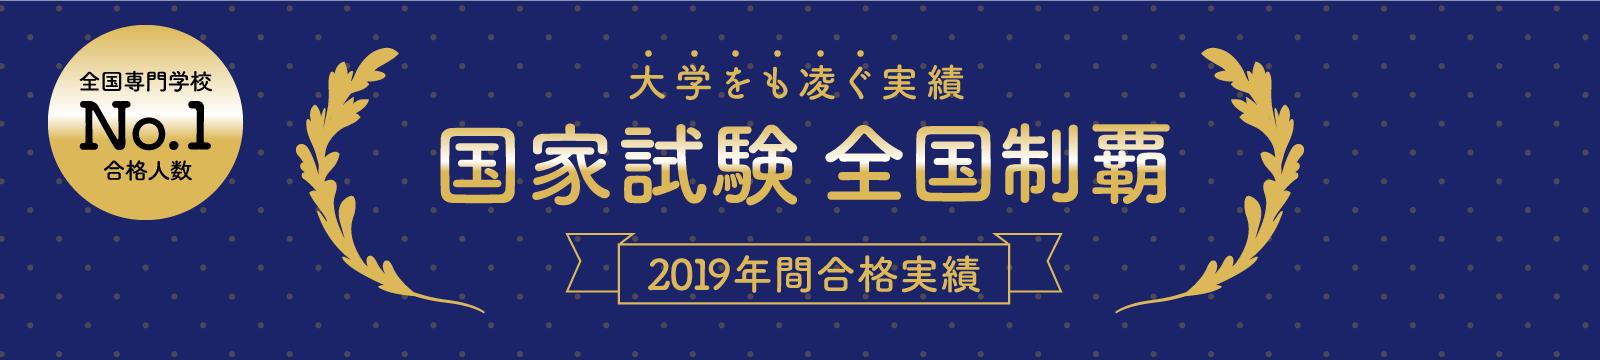 国家試験全国制覇 2019年間合格実績